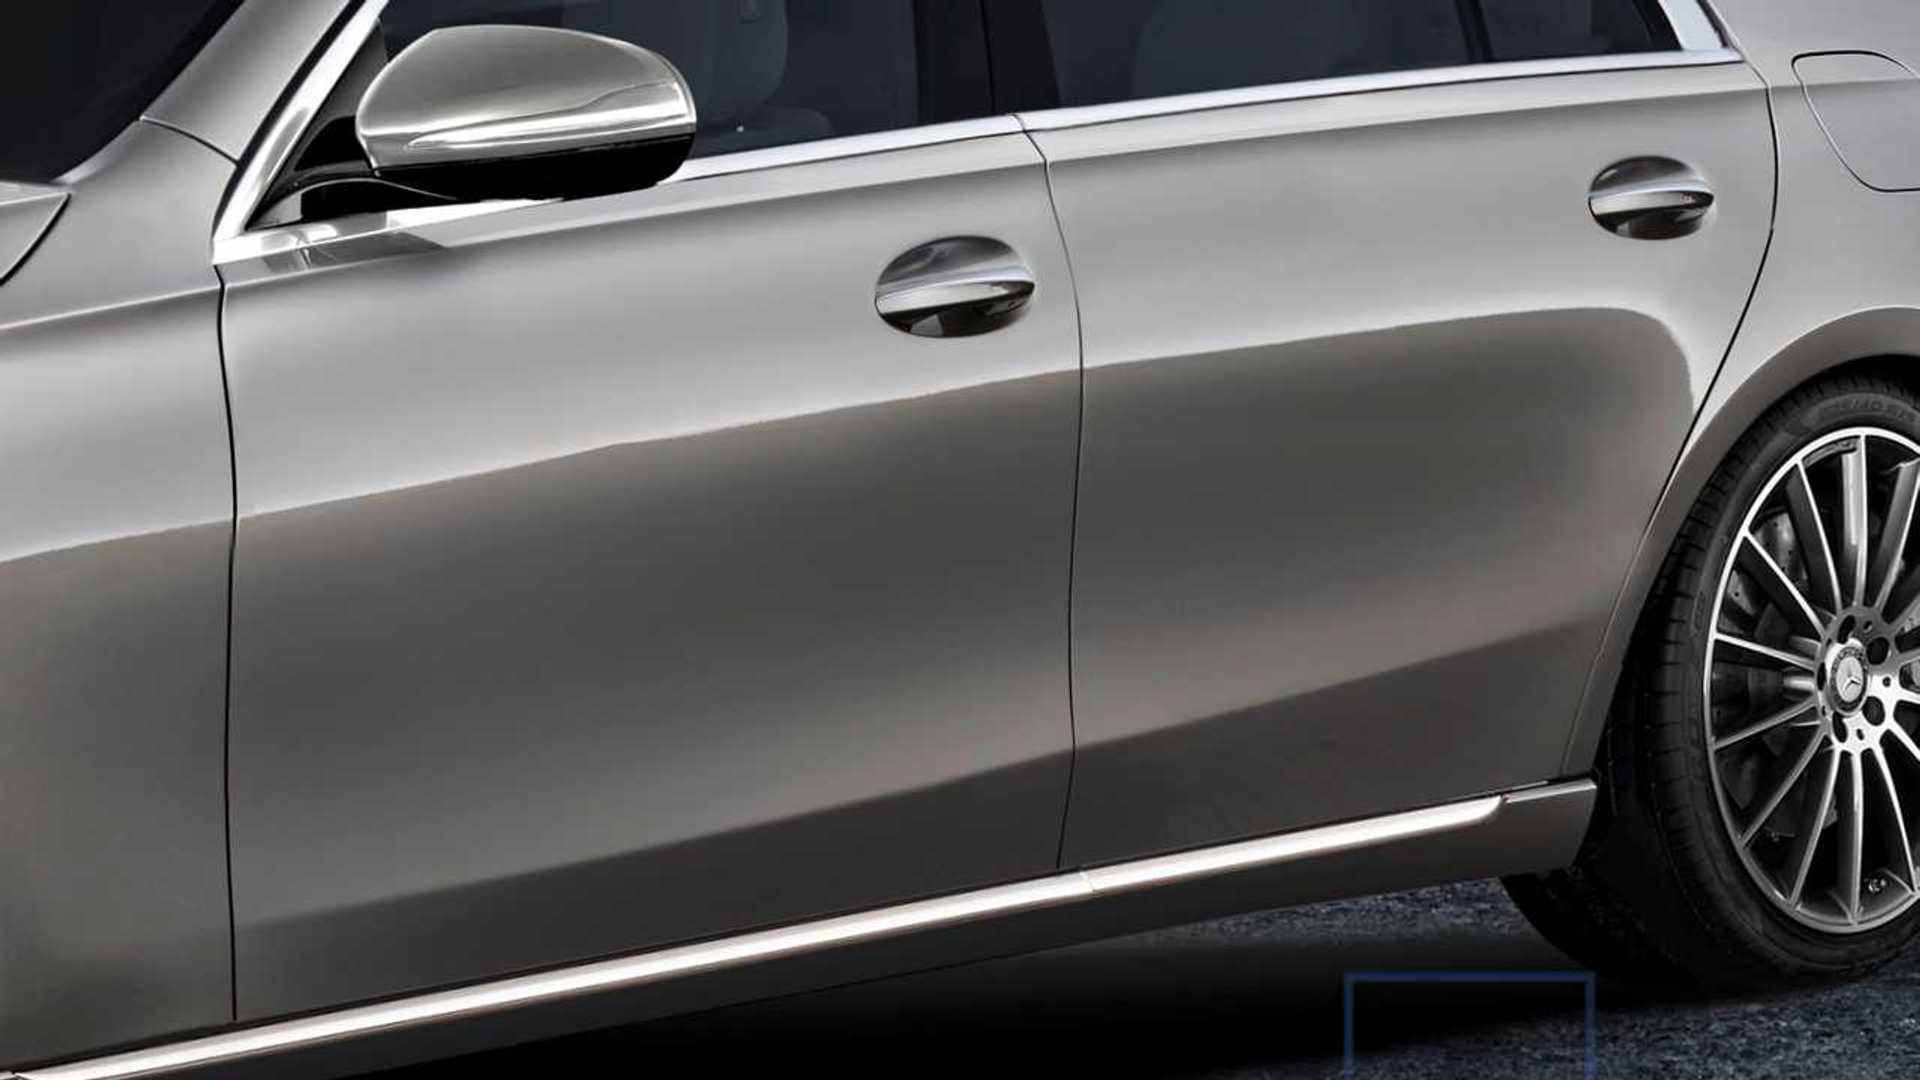 2021-mercedes-benz-s-class-renderings.jp